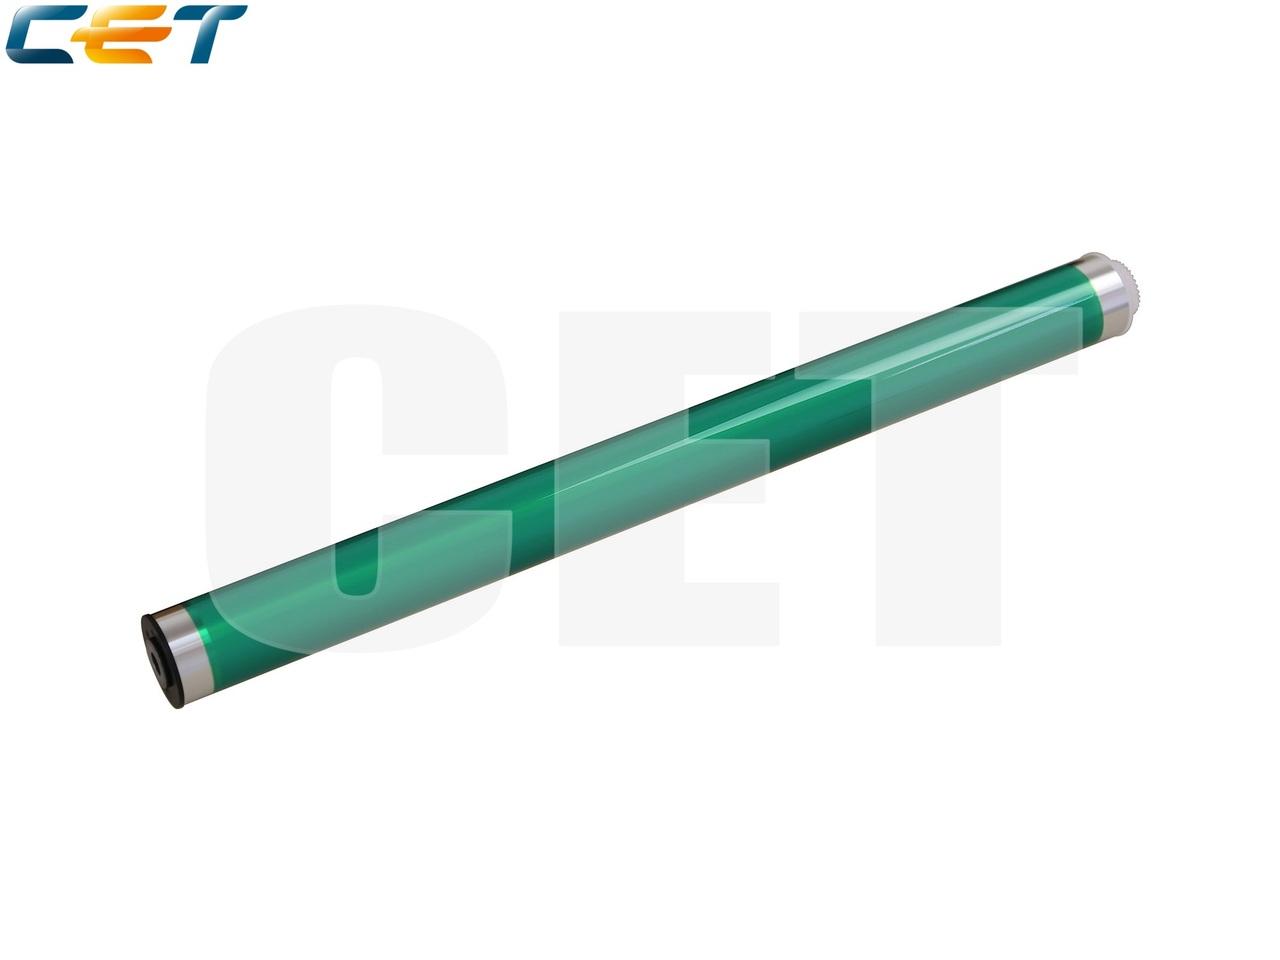 Барабан (Япония) для CANON iR ADVANCEC5030/C5035/C5045/C5051/C5235/C5240/C5250/C5255 (CET)Black, 150000 стр., CET8332N